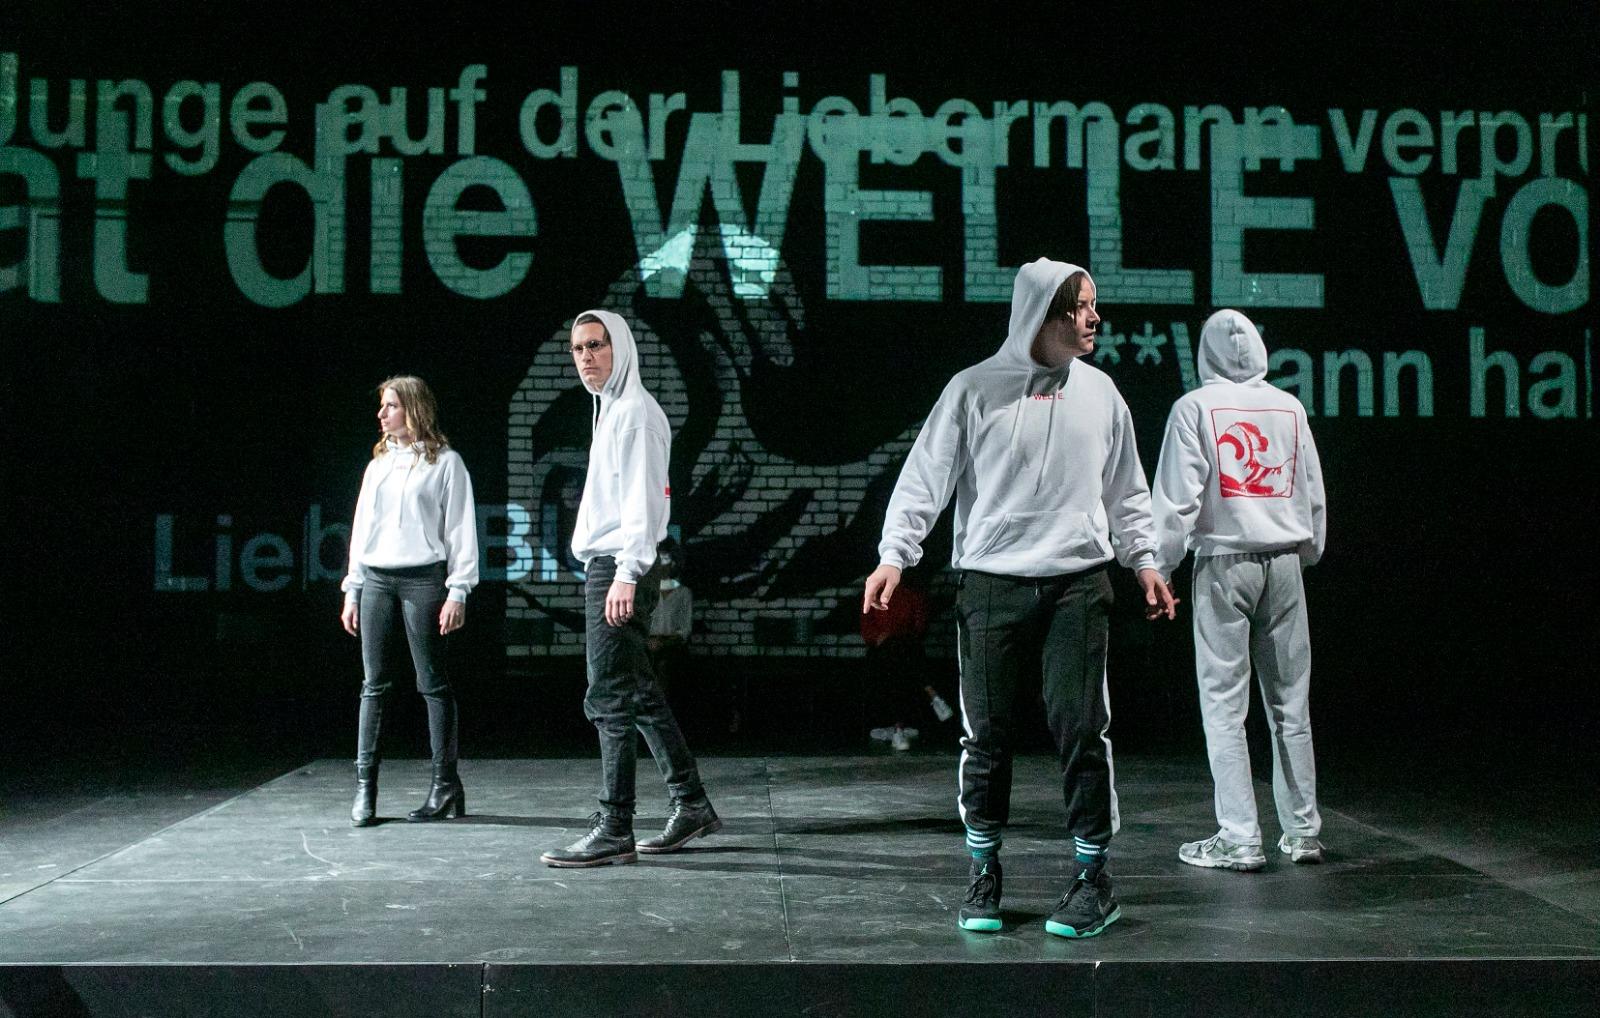 Szene aus dem Stück. Vier Schauspieler*innen stehen mit den selben Hoodies auf der Bühne